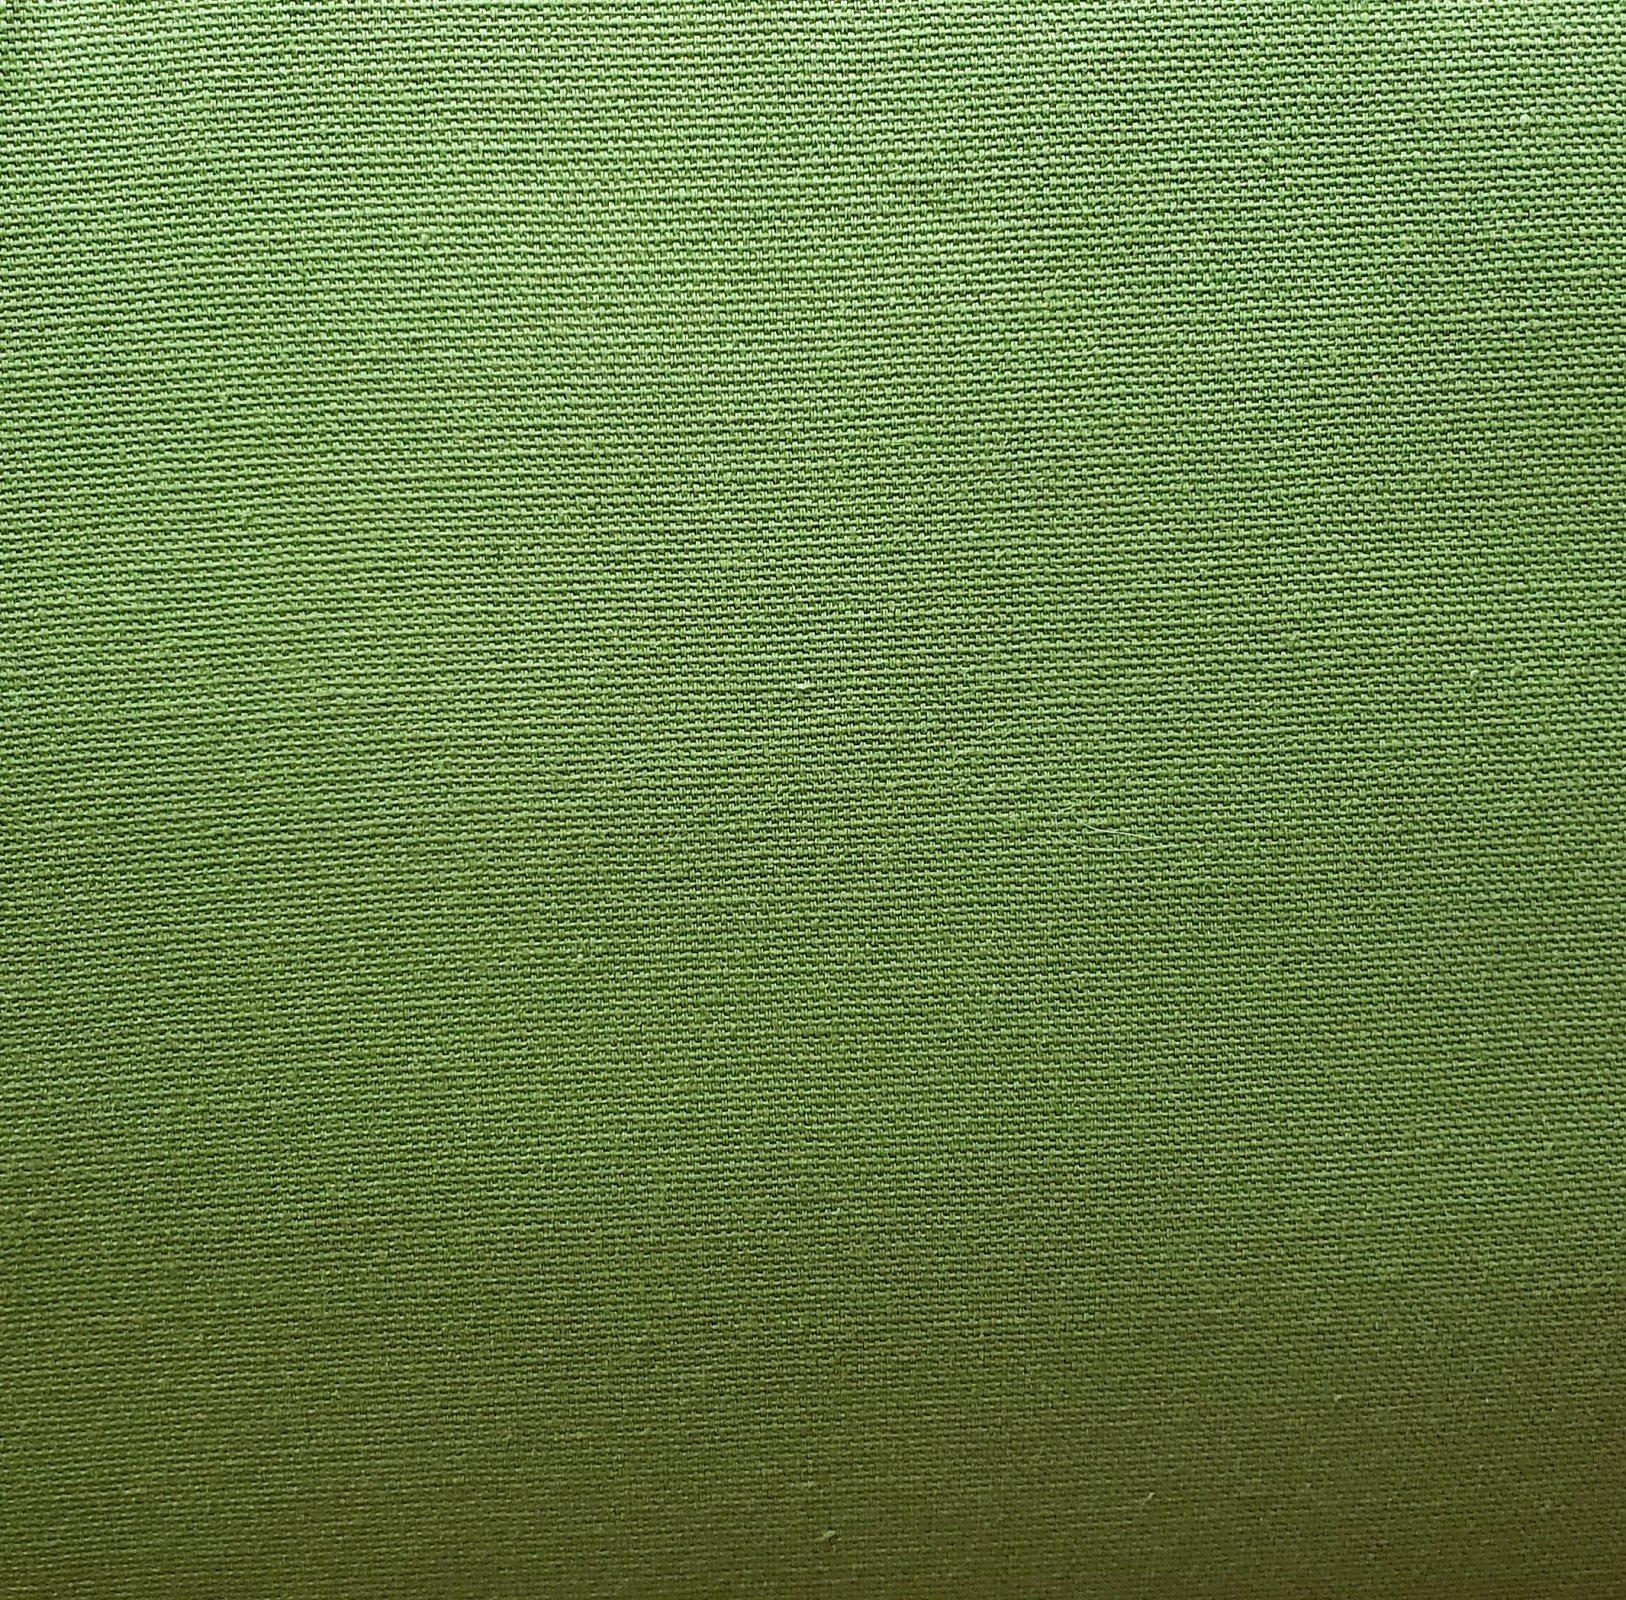 Kiwi 7oz Duck Canvas